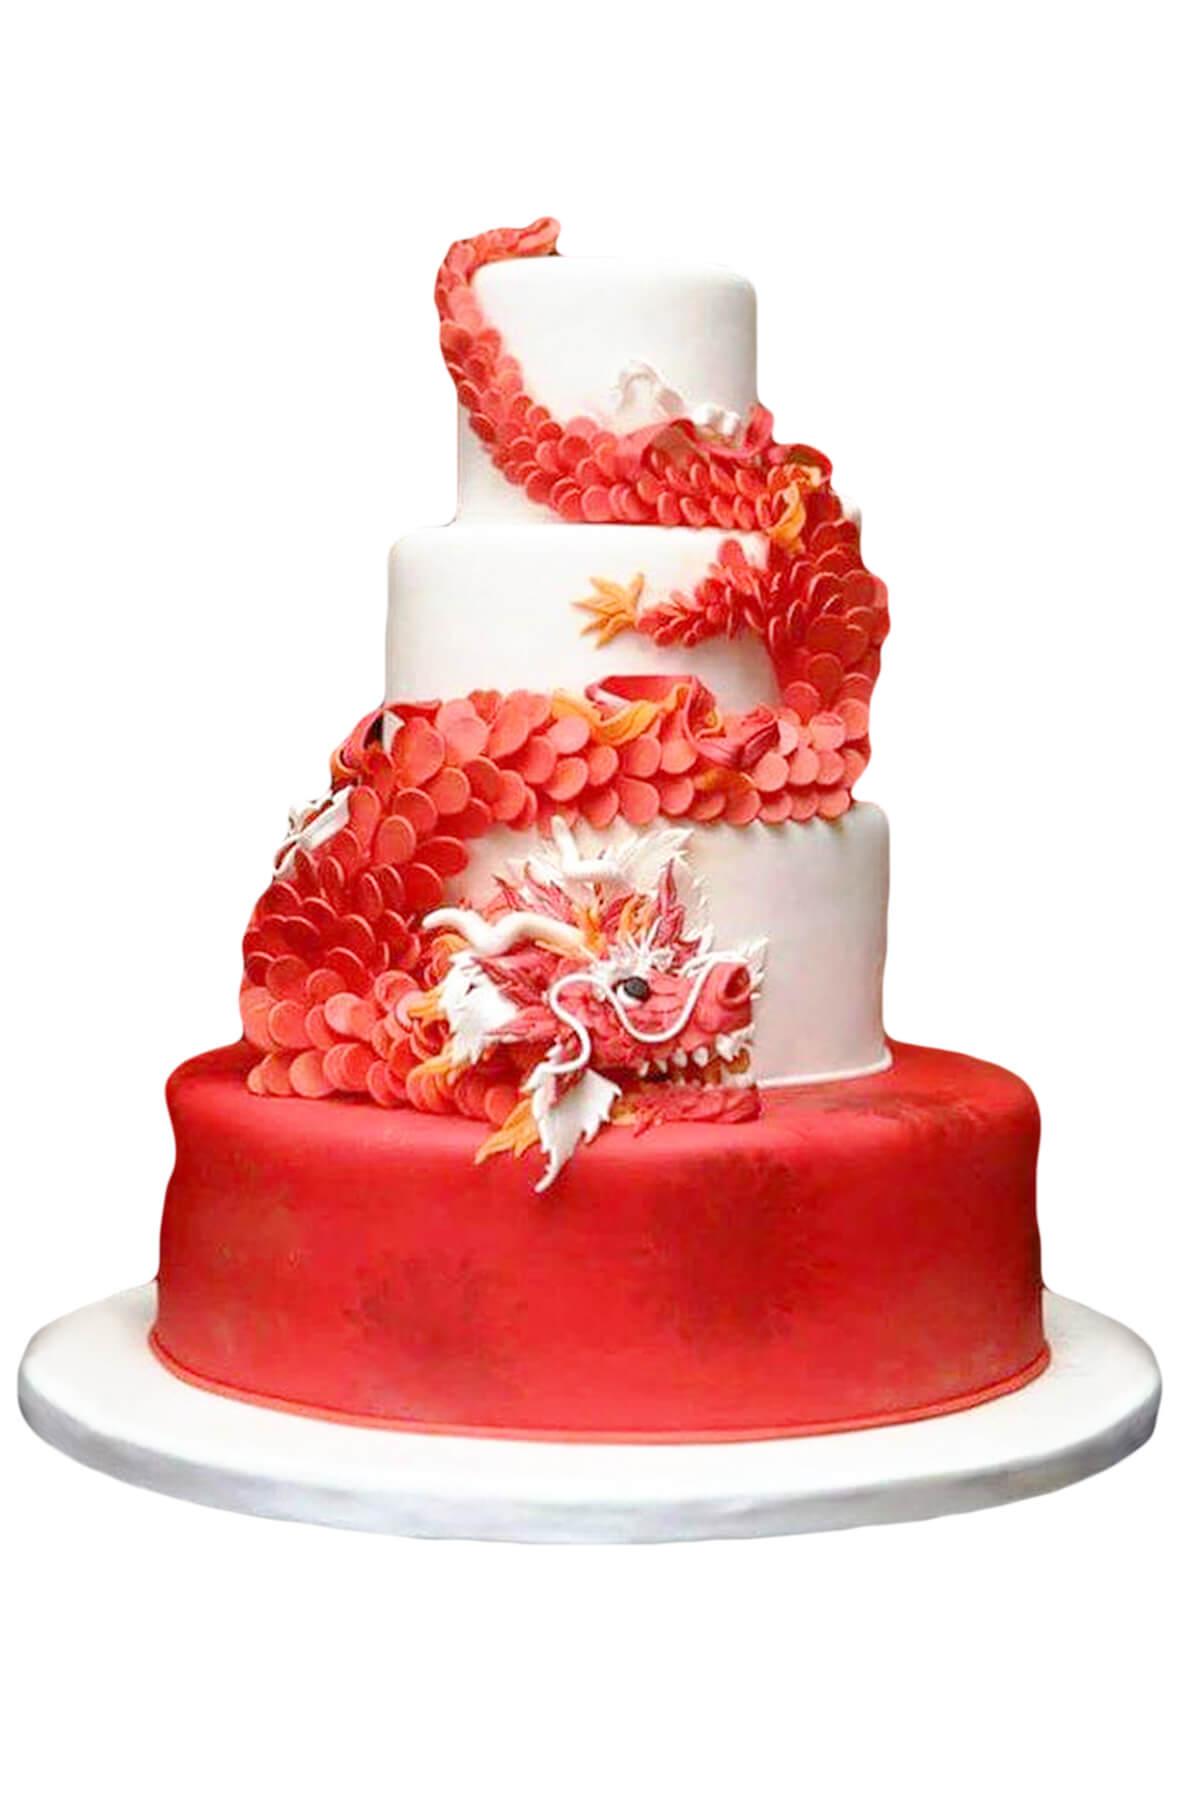 Bánh gato hình rồng đỏ may mắn, mừng công ty khai trương đại phát